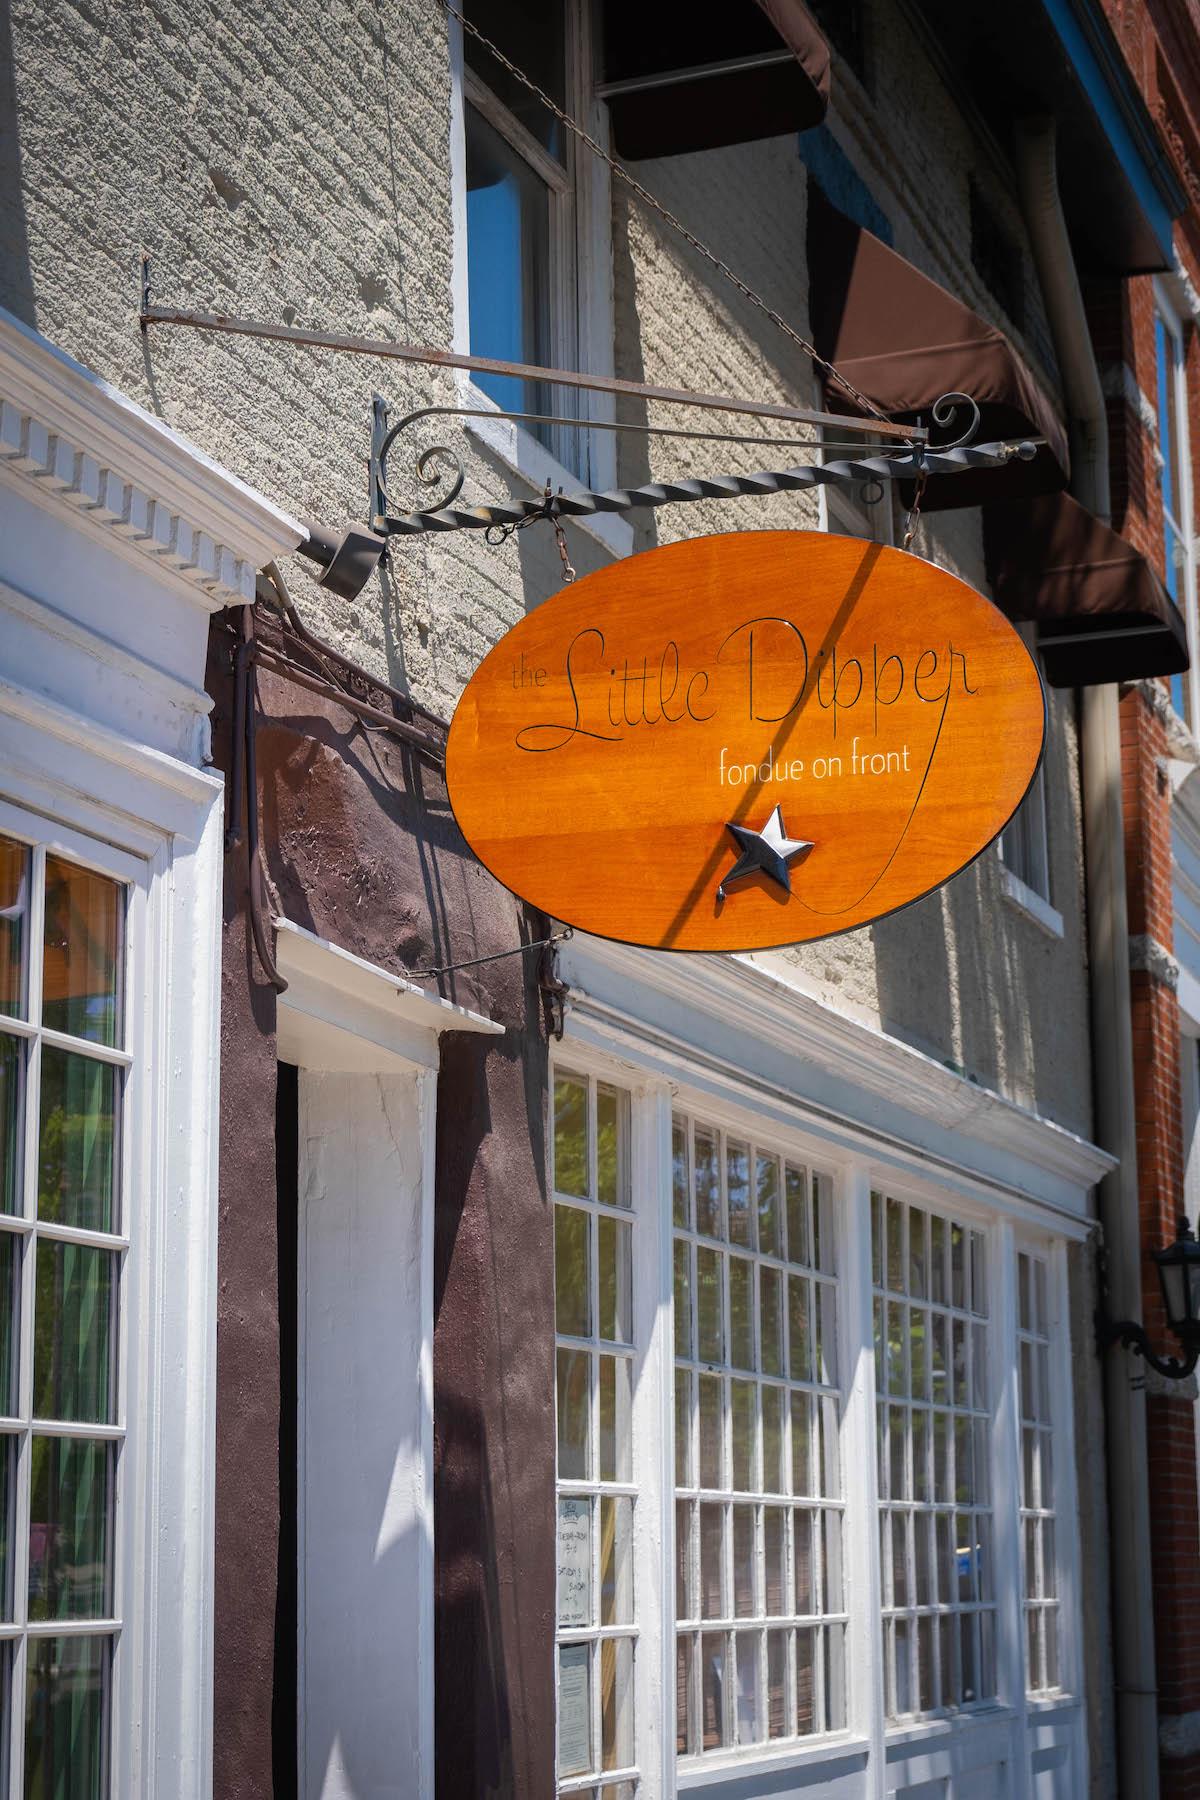 best restaurants in wilmington